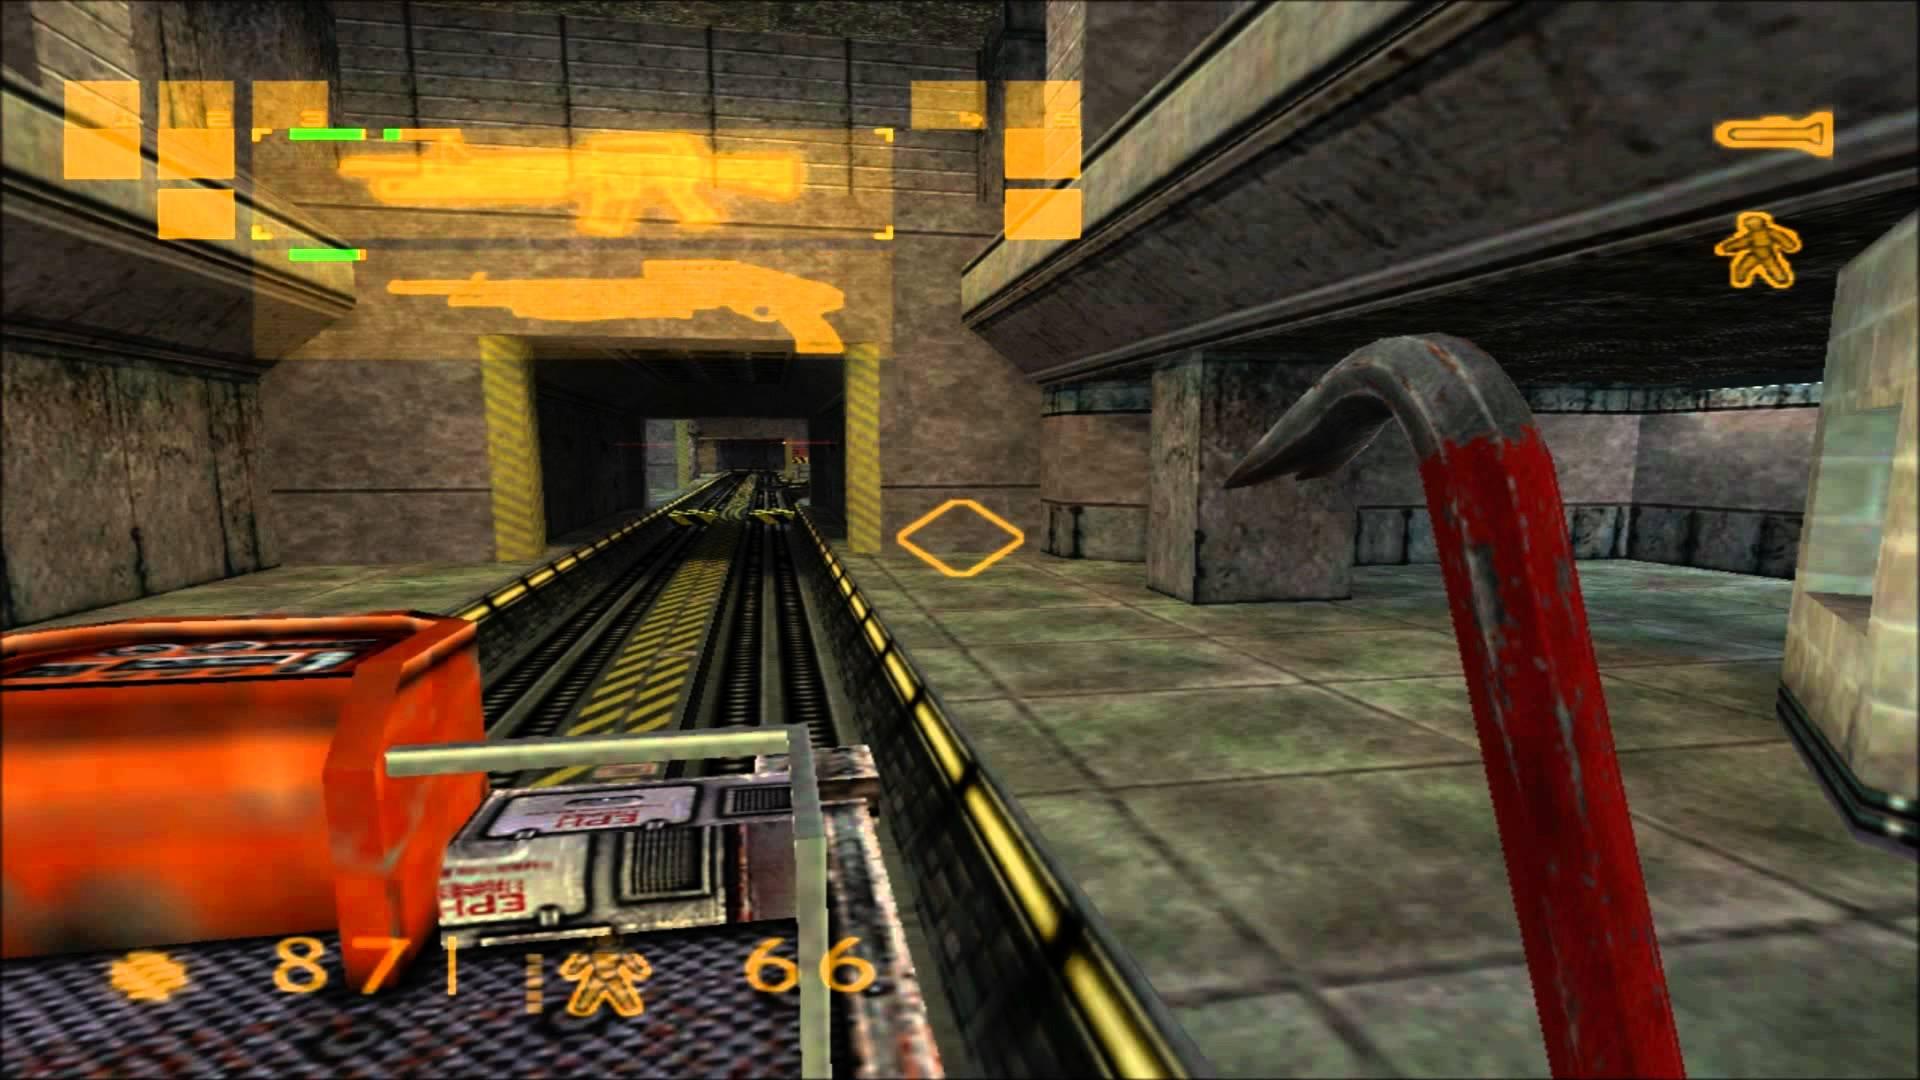 Les Films Portal Et Half Life Sont Toujours Sur Les Rails